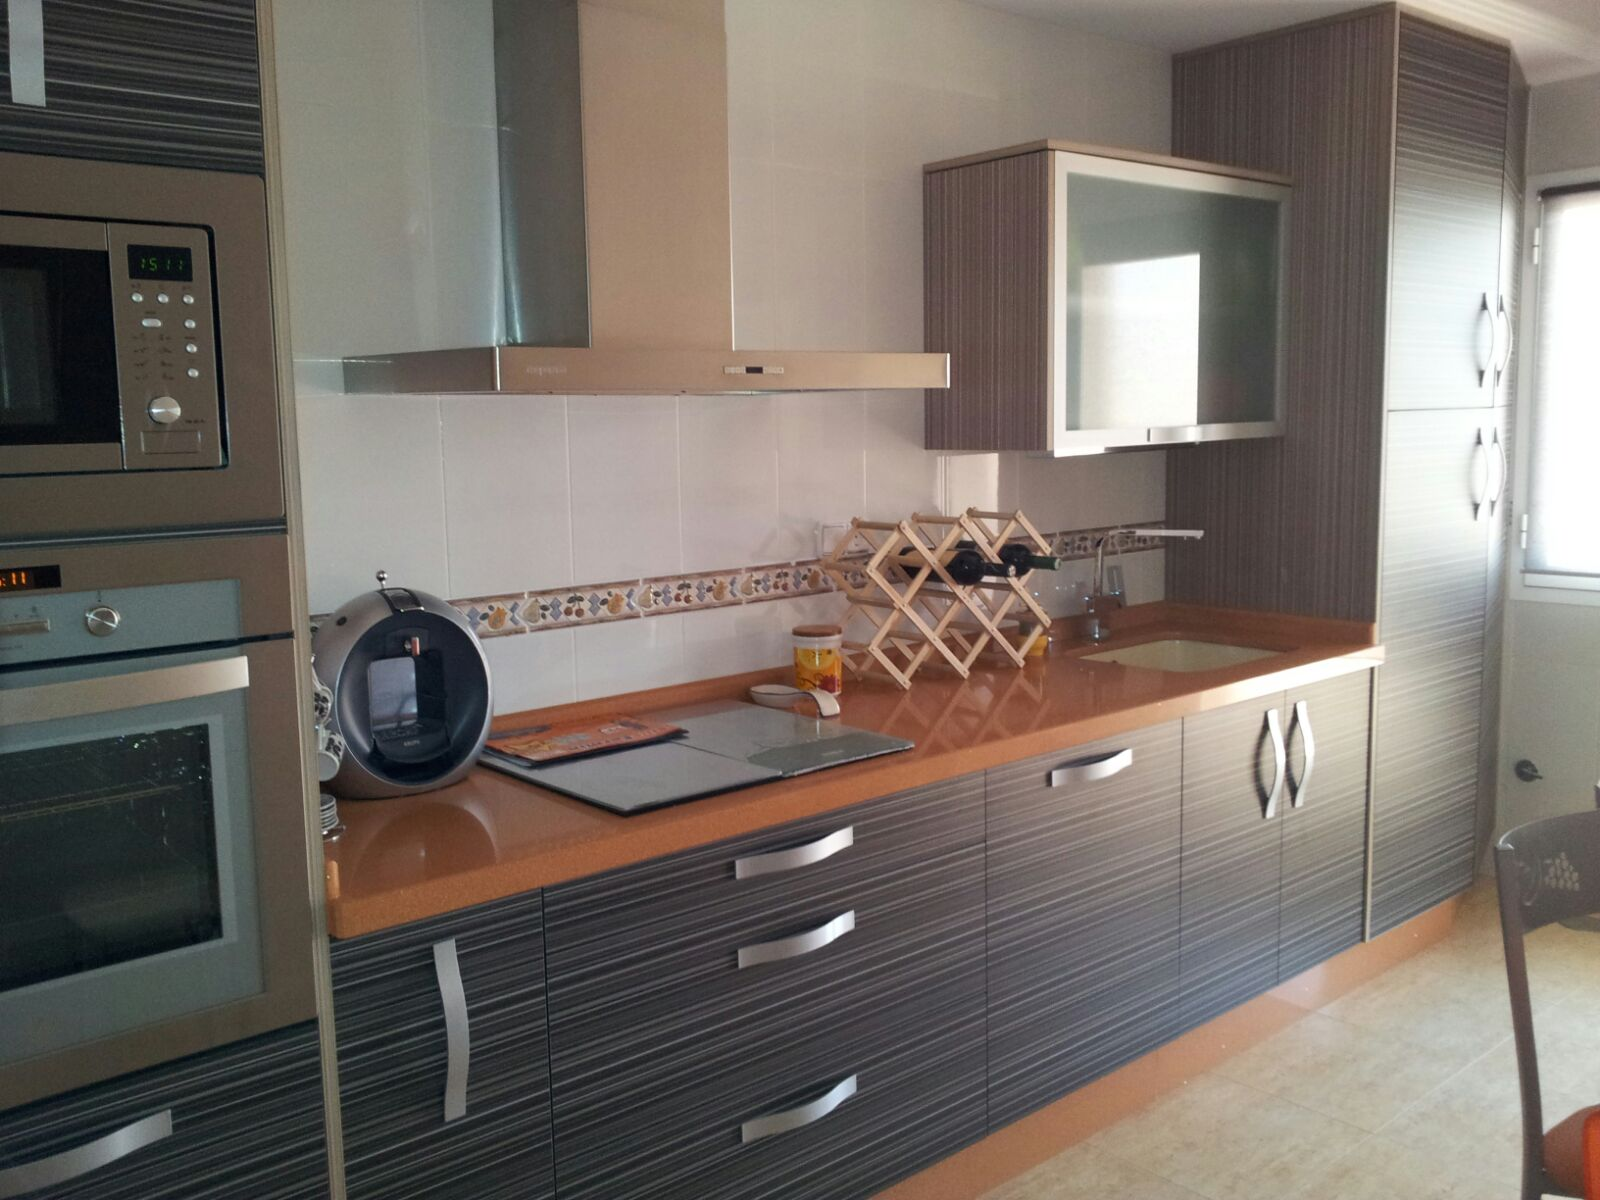 Muebles cocina gris oscuro ideas for Cocinas con suelo gris oscuro